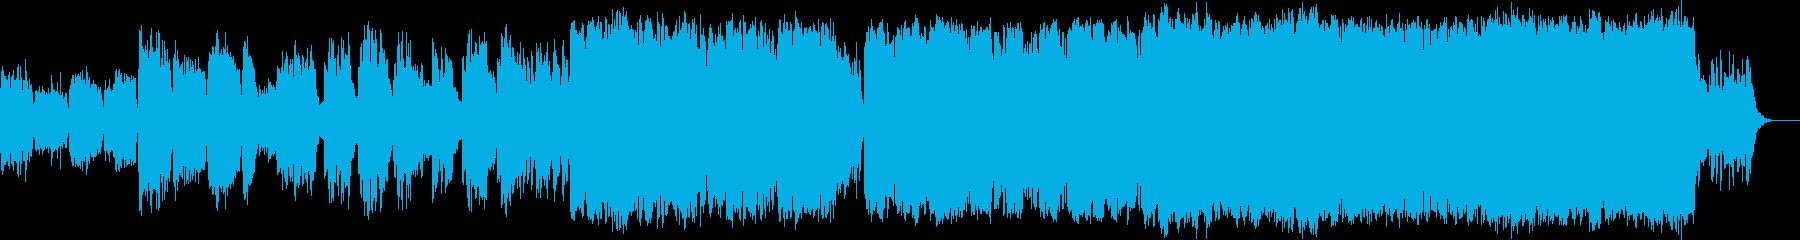 冬の定番ジングルベルアレンジ版の再生済みの波形